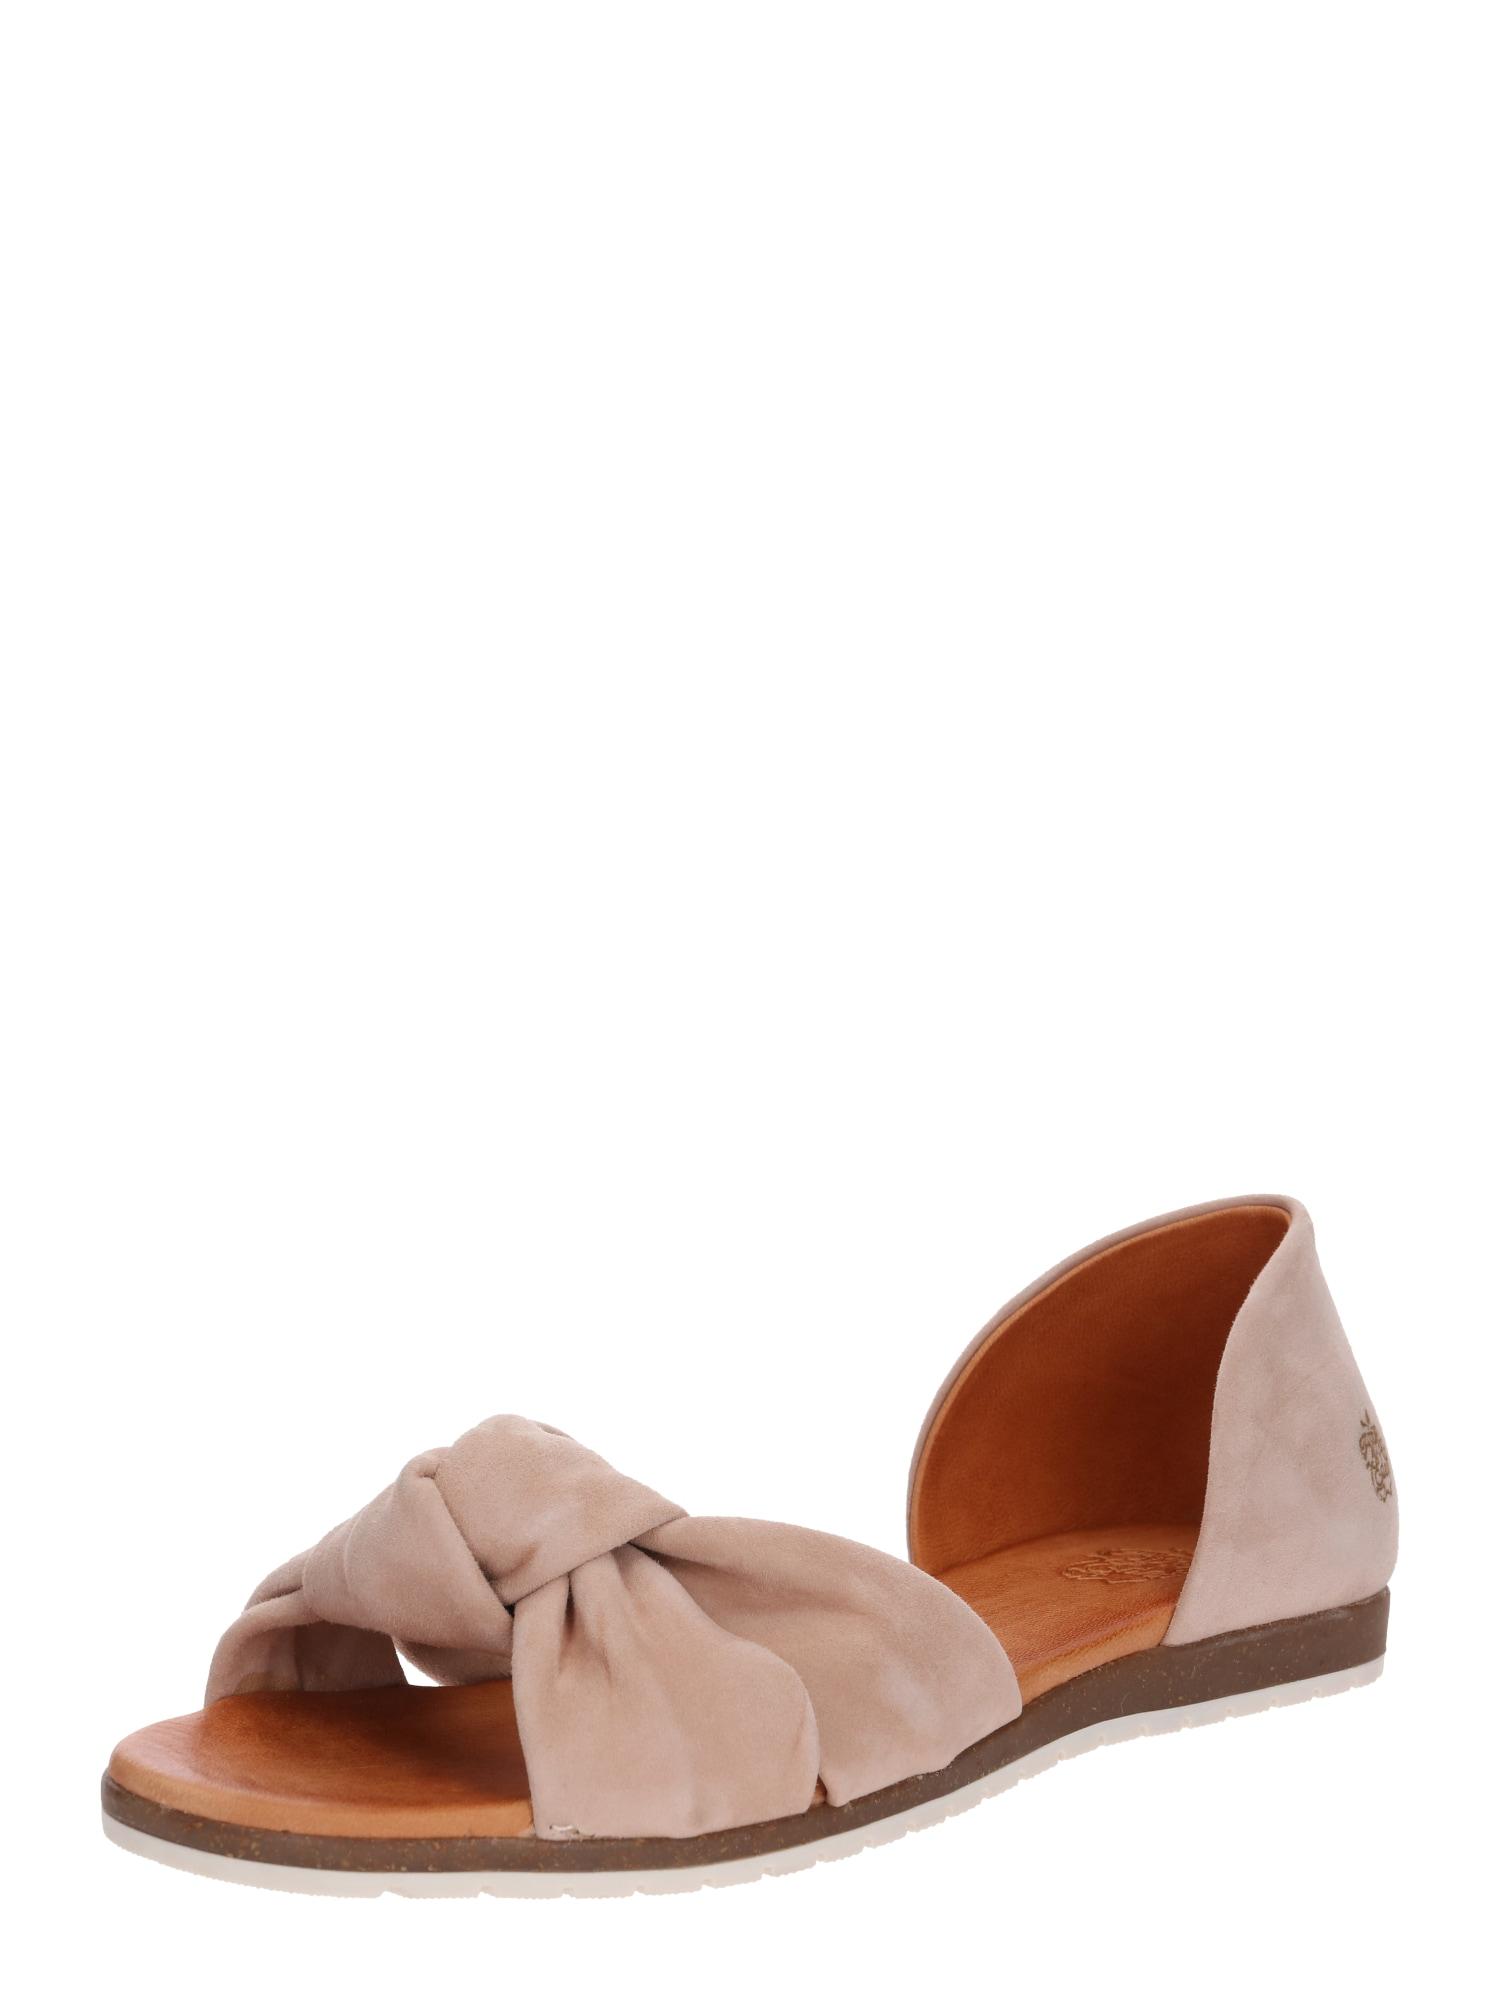 Sandály Chelsea béžová tělová Apple Of Eden